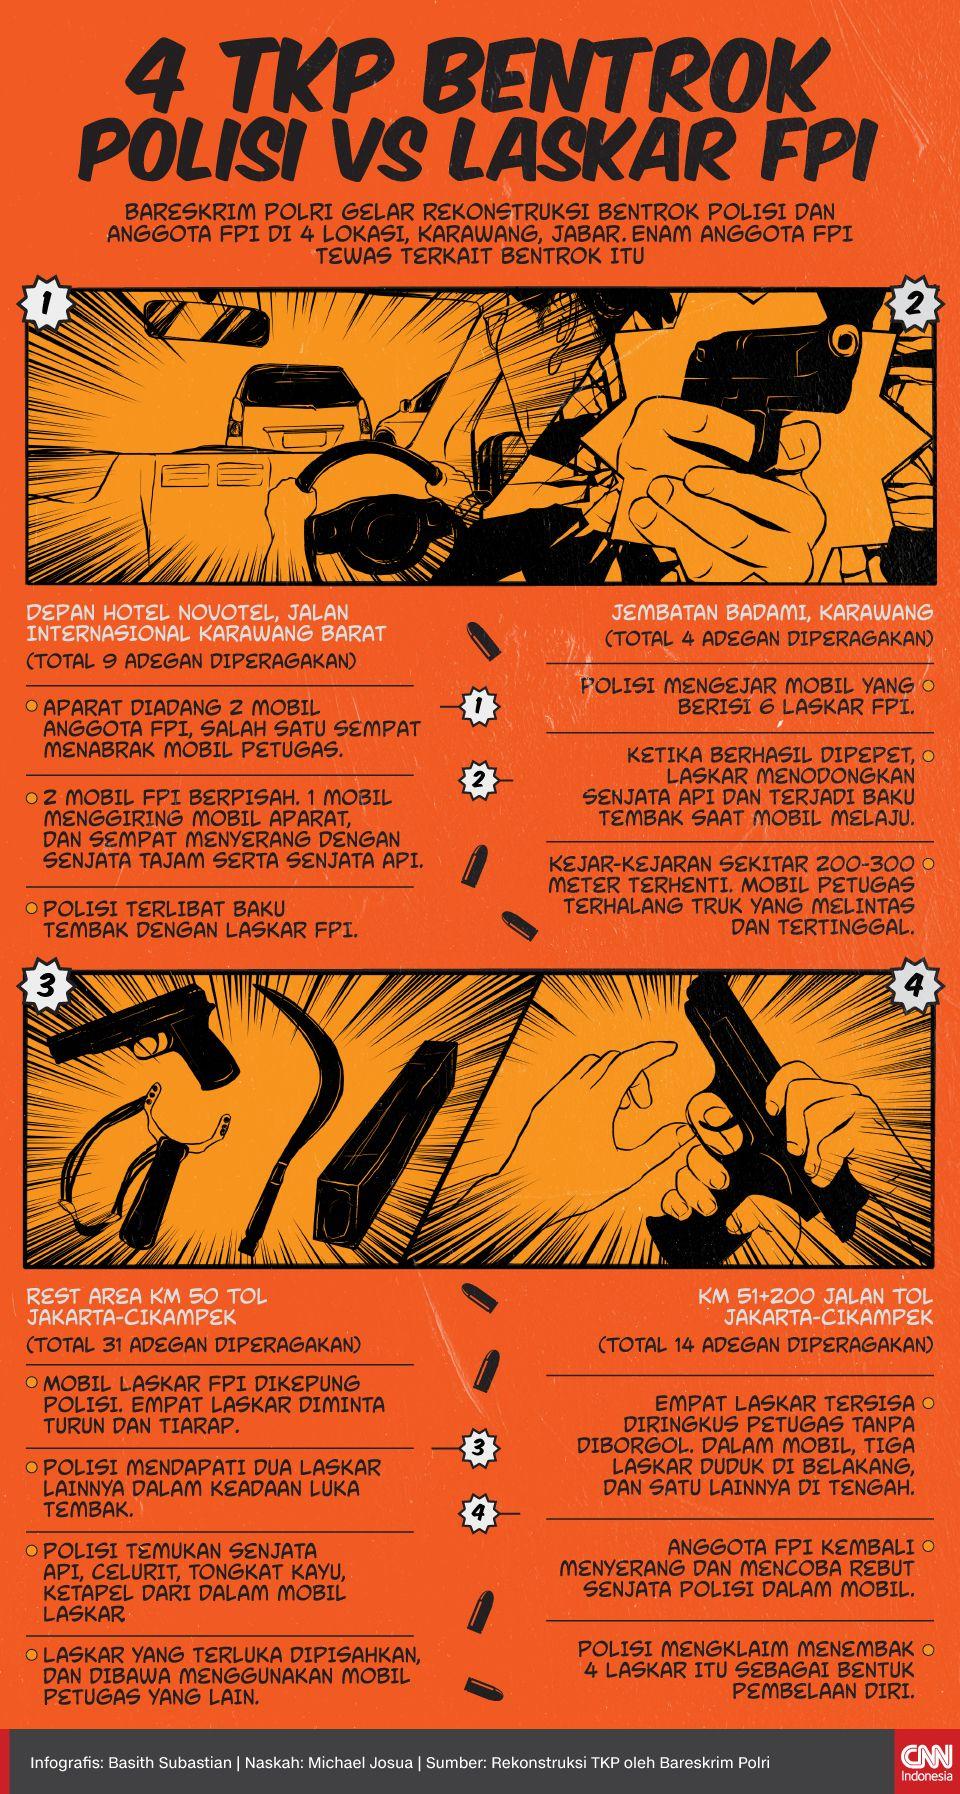 Infografis 4 TKP Bentrok Polisi vs Laskar FPI